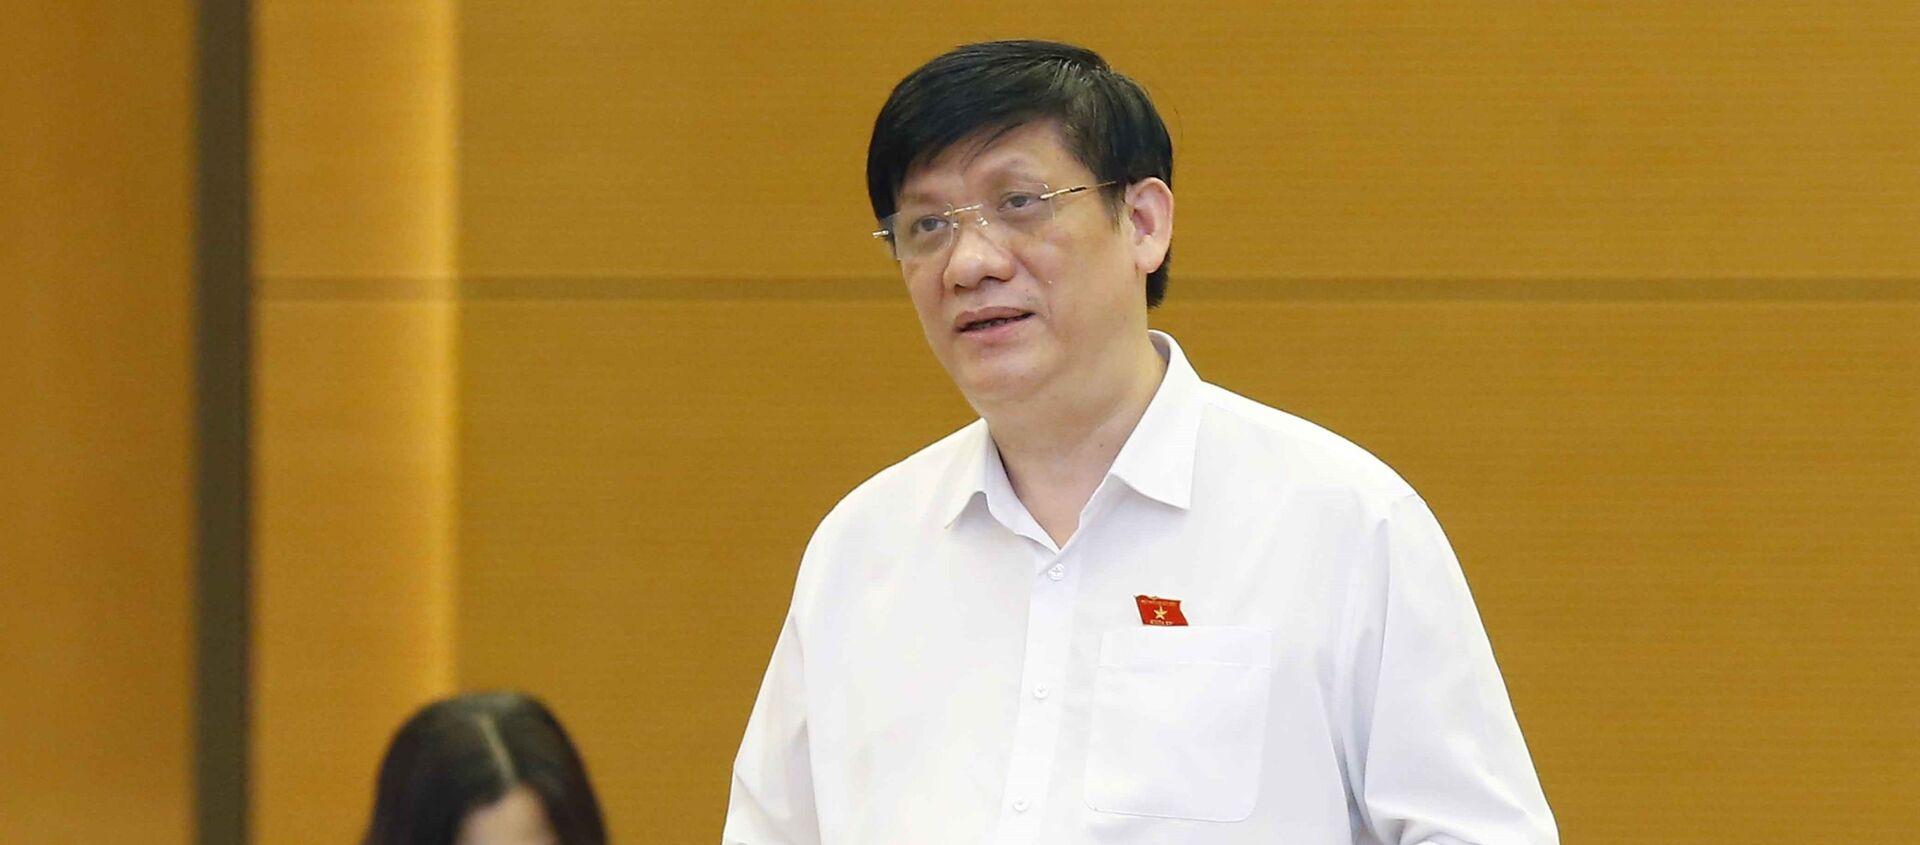 Quốc hội bổ sung nội dung phòng, chống dịch COVID-19 vào Nghị quyết Kỳ họp thứ nhất - Sputnik Việt Nam, 1920, 24.07.2021